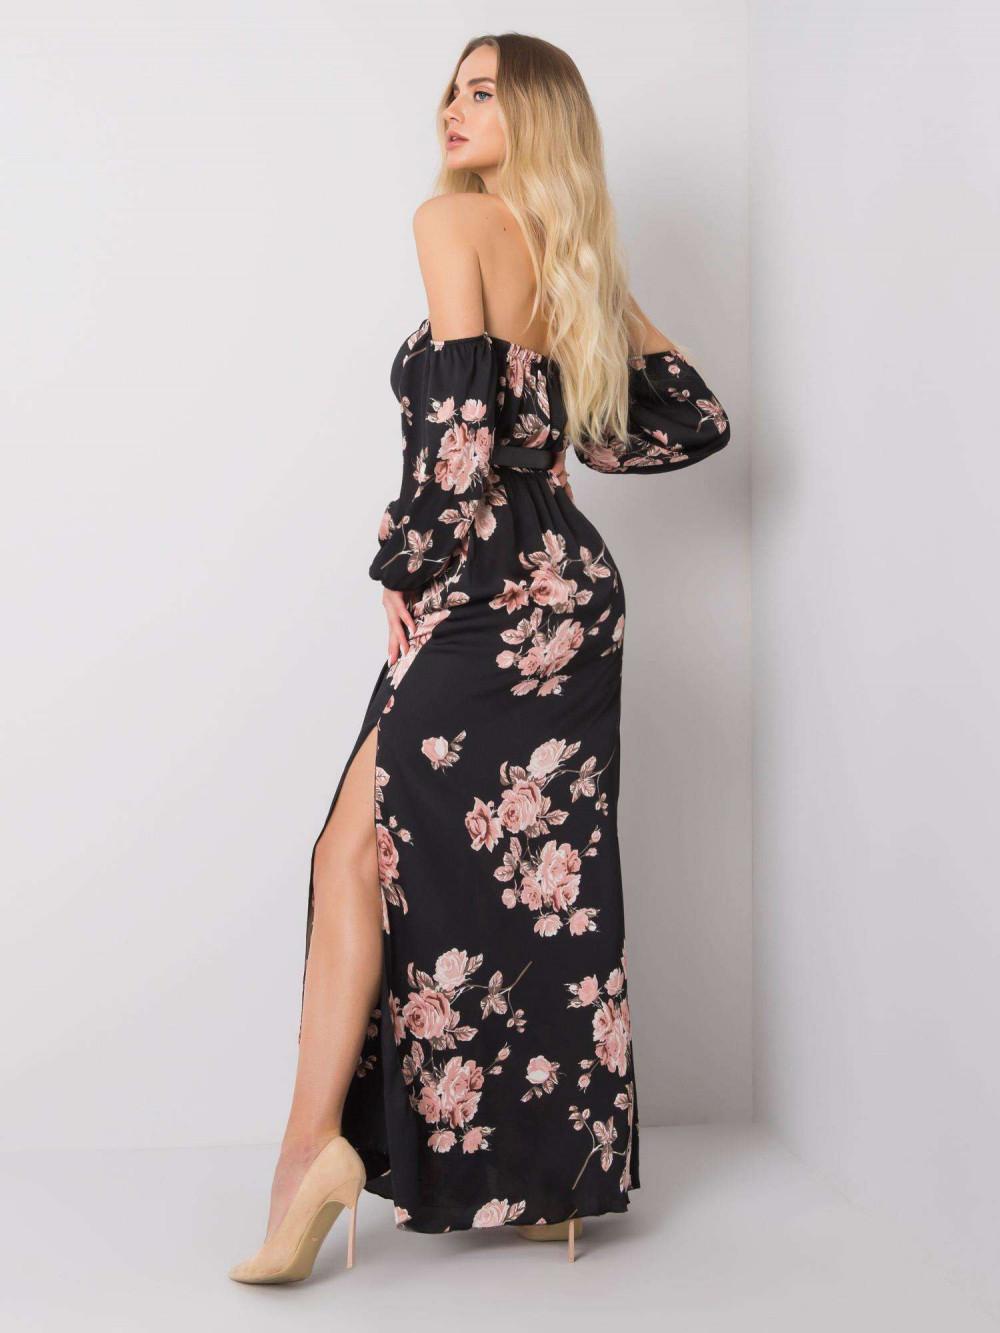 Czarno-różowa sukienka kwiatowa hiszpanka z wycięciem na nogę maxi Scarlett 4